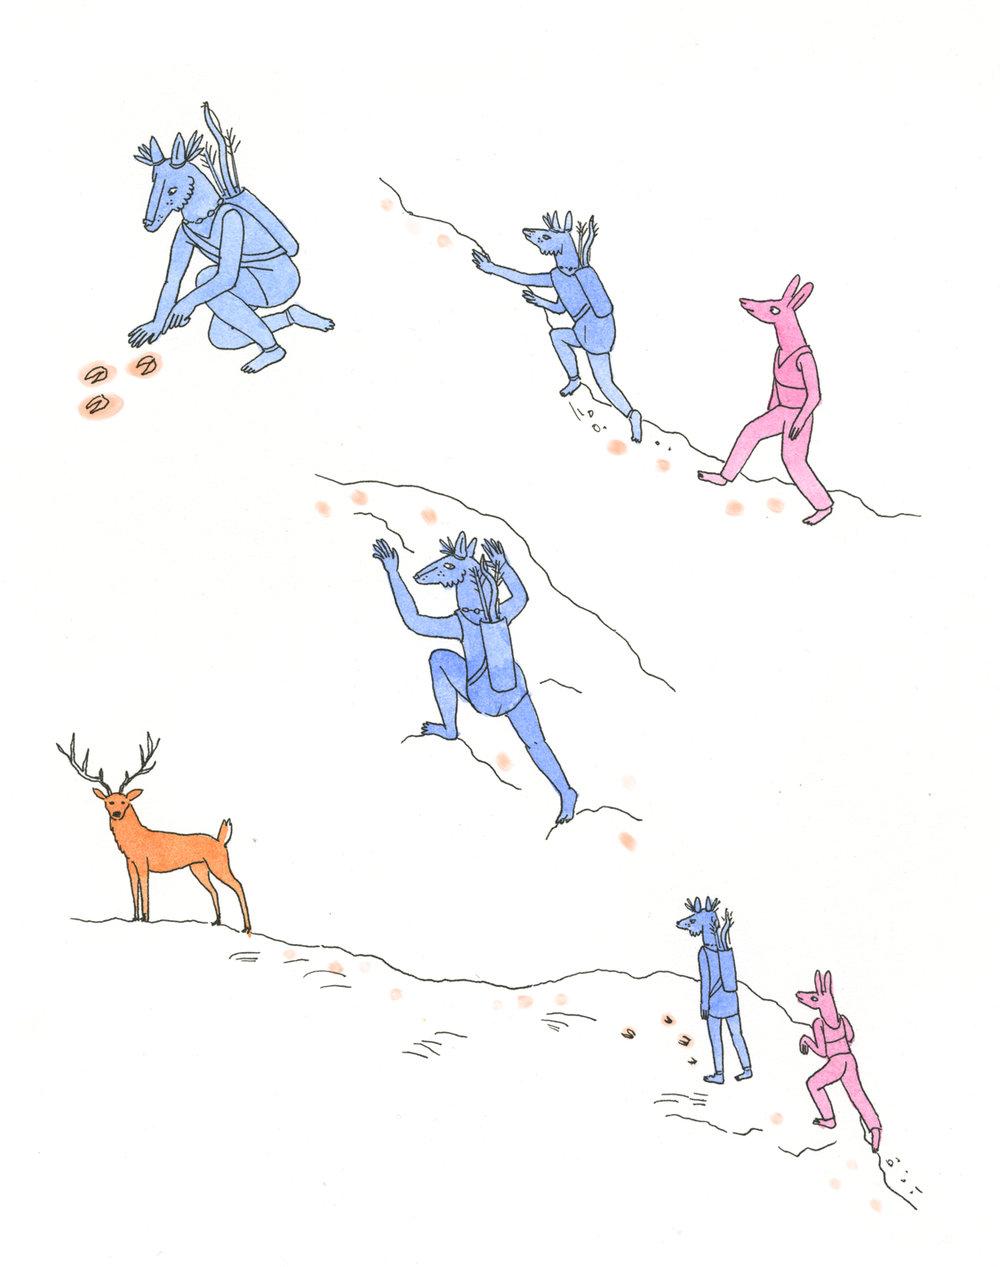 coyoted4_deerhuntpage1.jpg